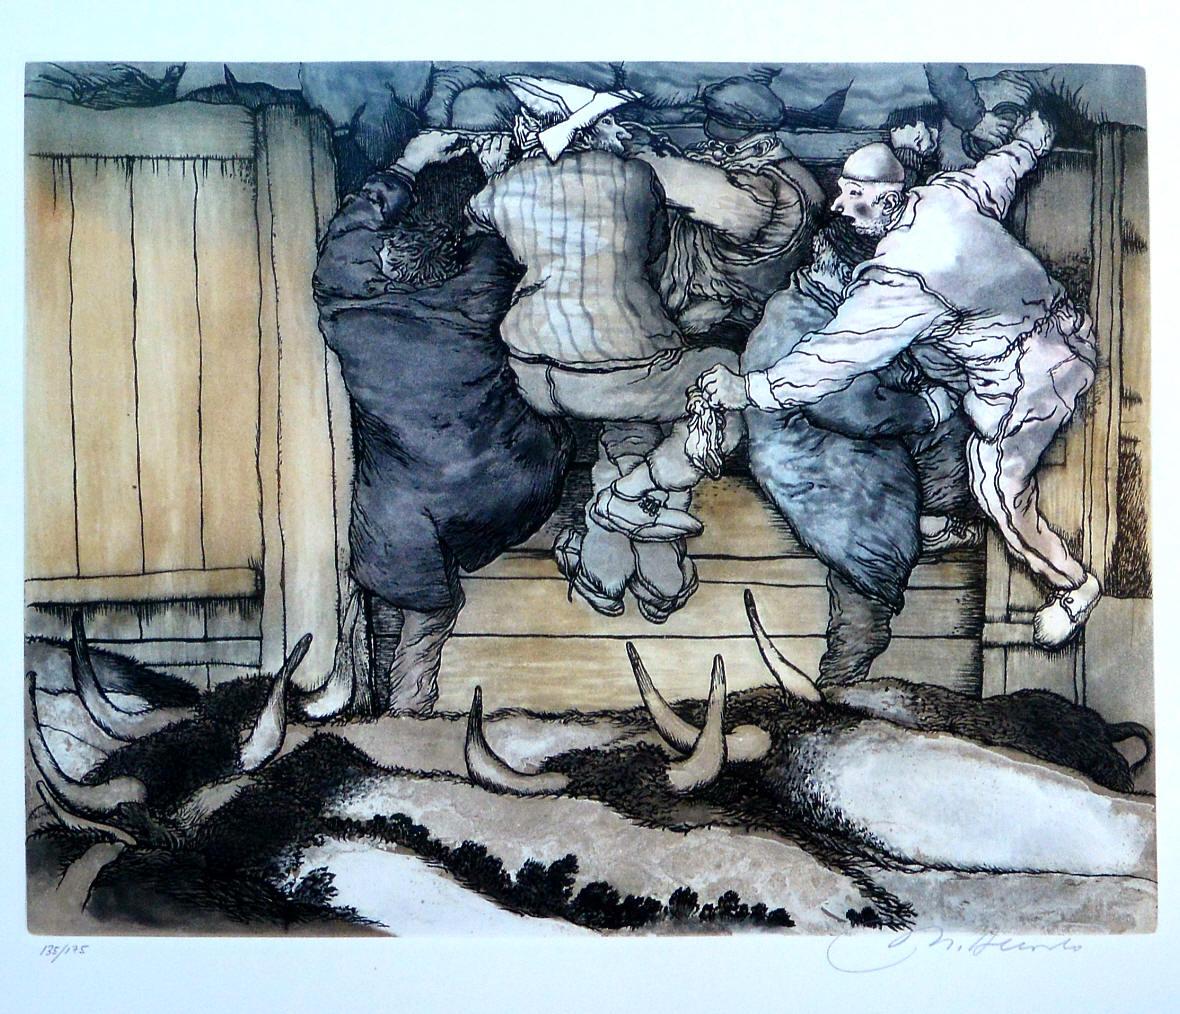 Alcorlo-Manuel-Azuzando-al-mar-de-toros-grabado-aguafuerte-aguatinta-color-edición-175-ejemplares-numerado-y-firmado-a-lápiz-plancha-34x4350-cms.-y-papel-51x62-cms.-6.jpg